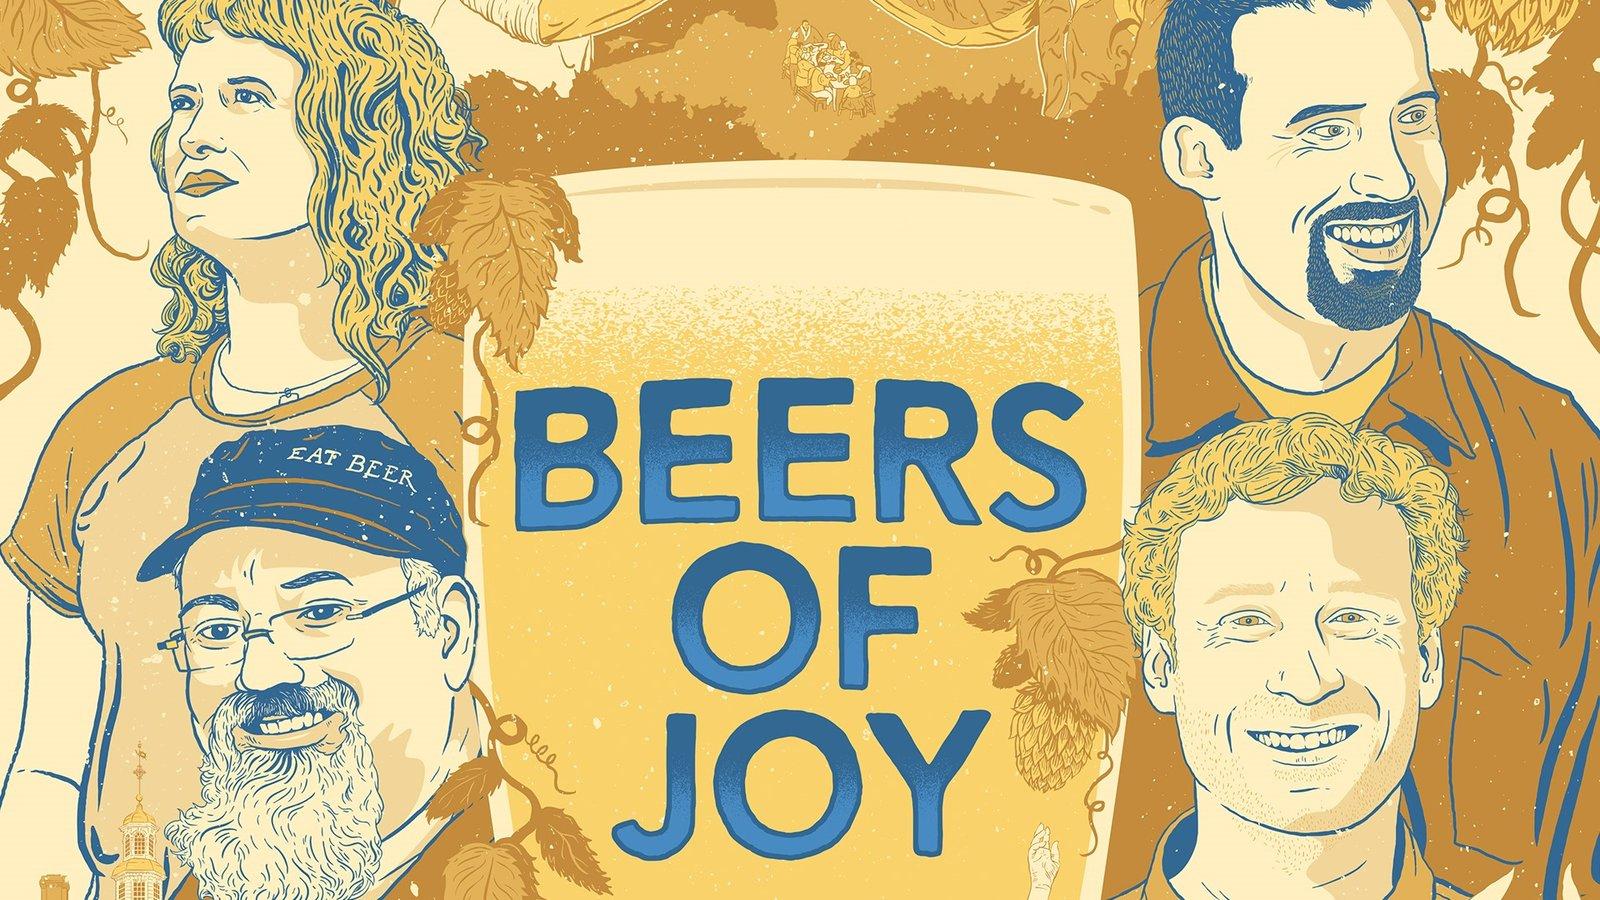 Beers of Joy